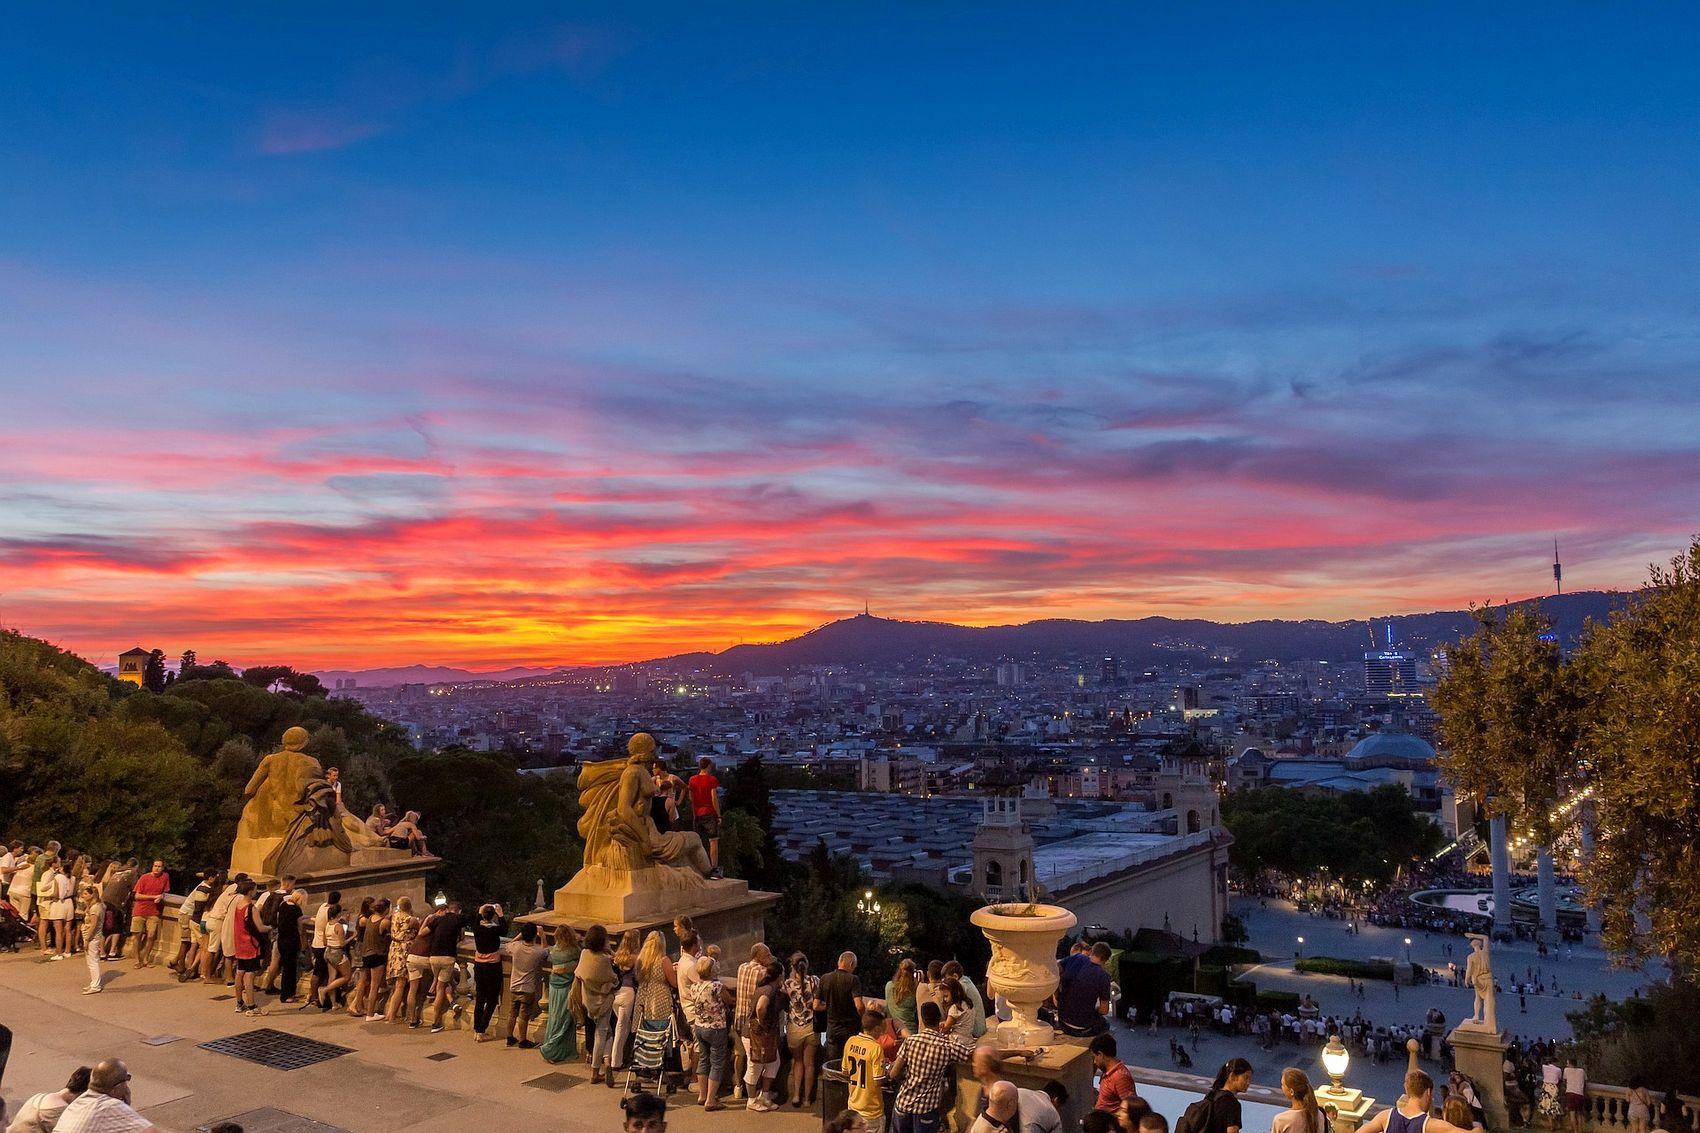 Sunset in Barcelona, seen from Montjuïc hill